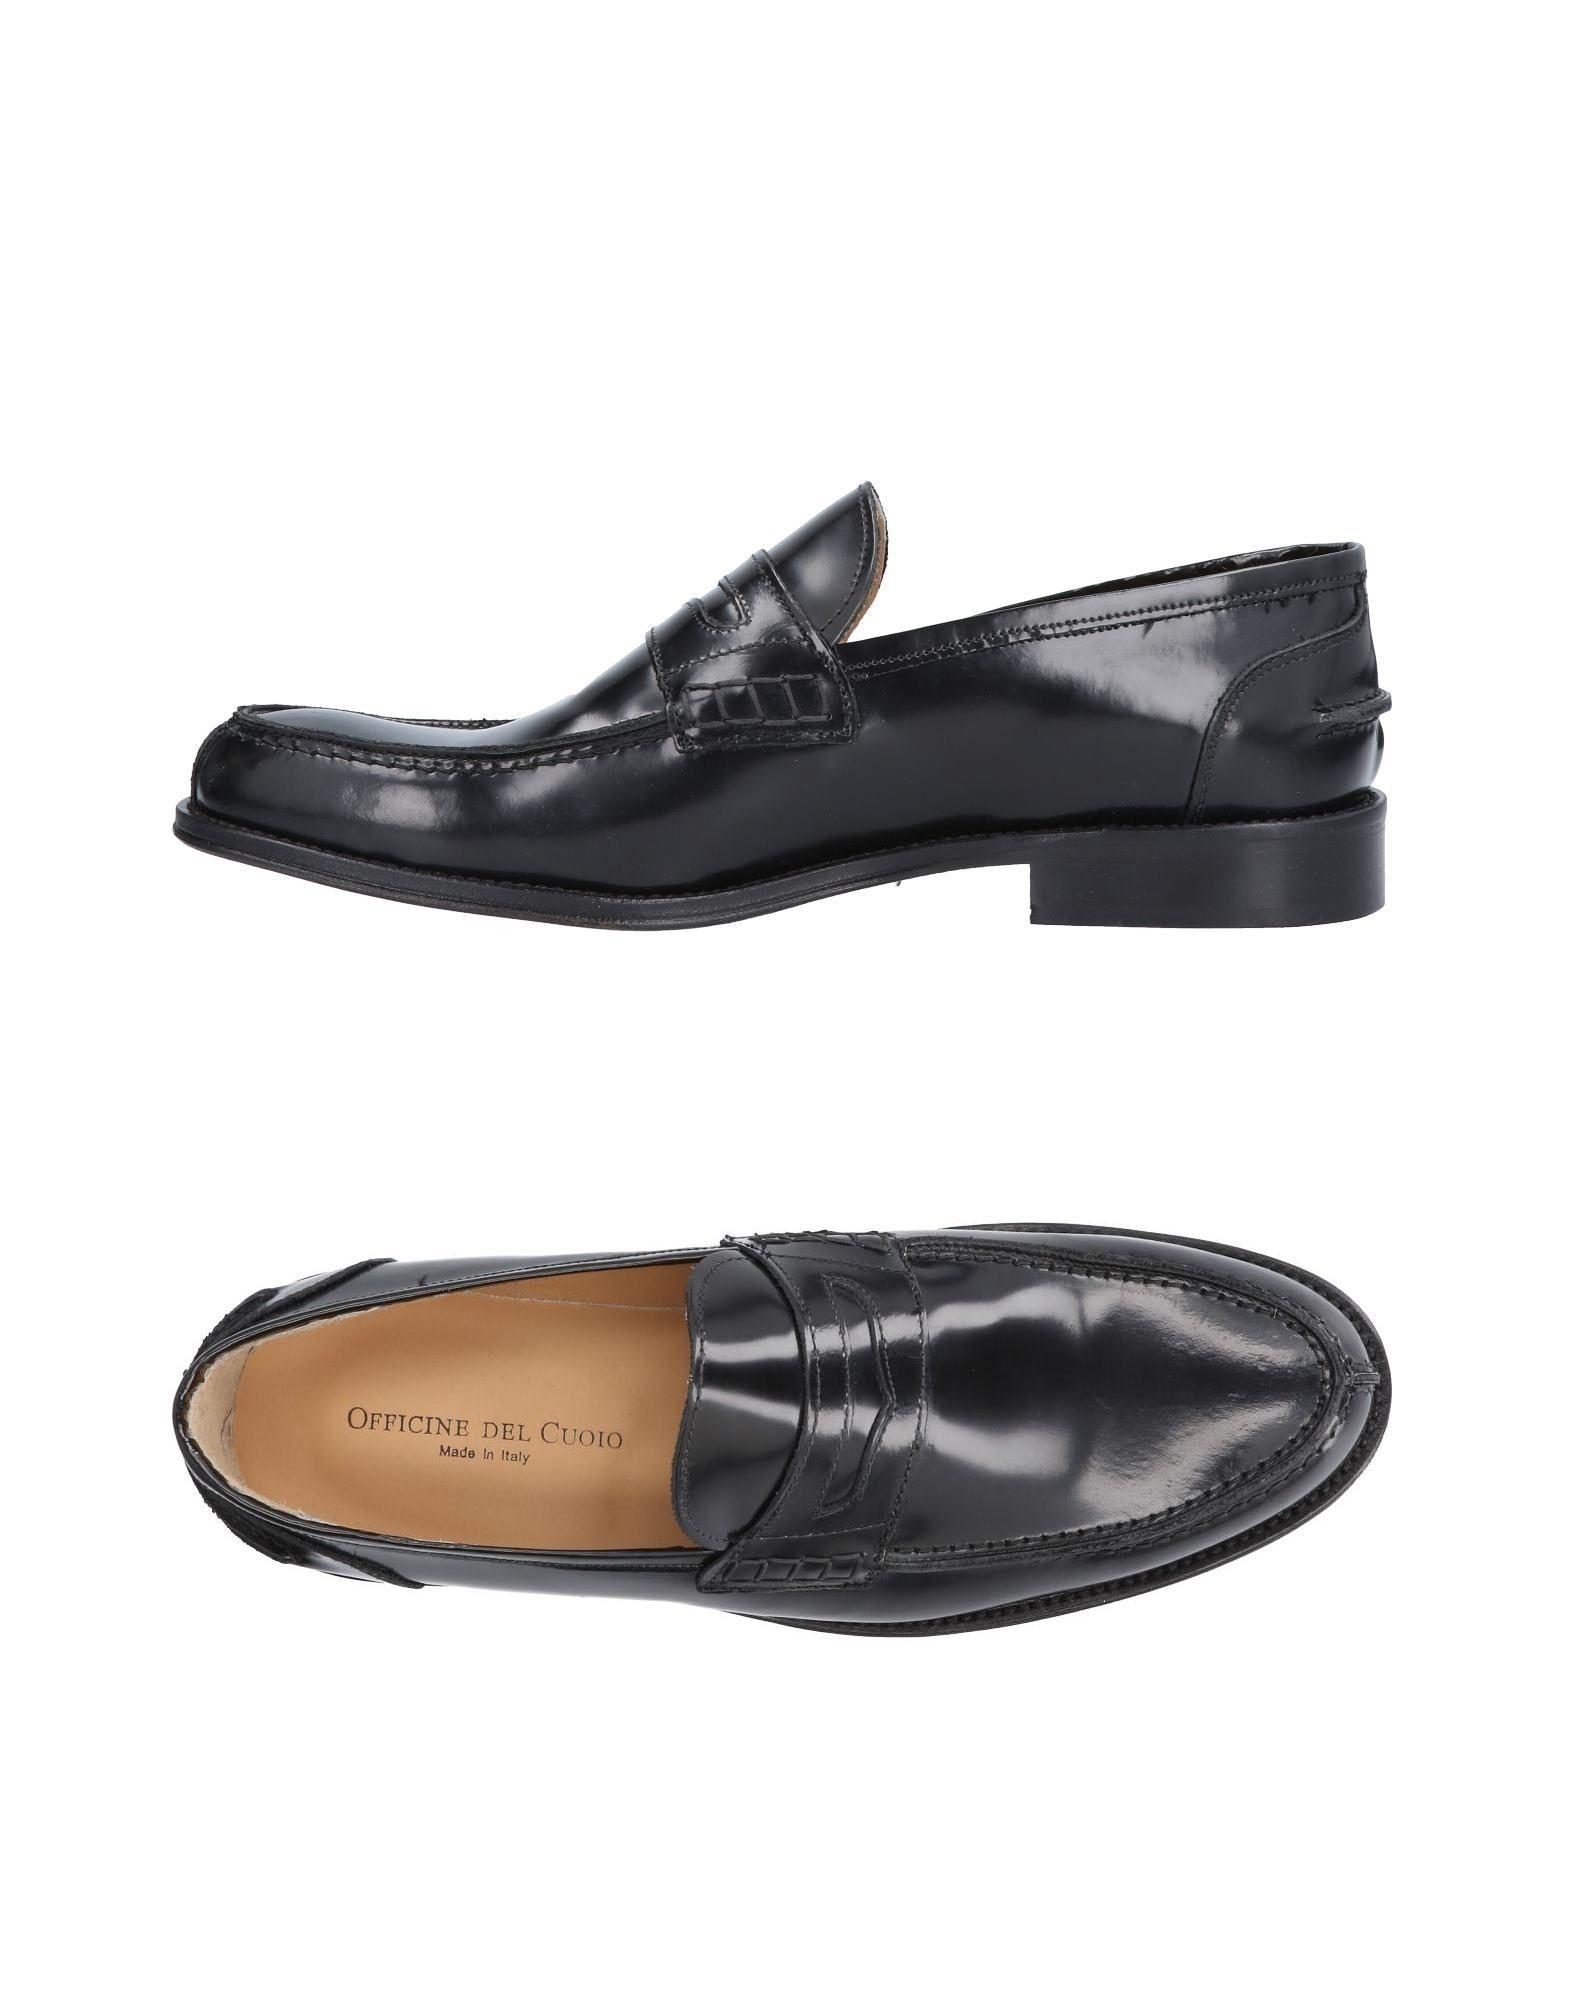 Officine Del Cuoio Qualität Mokassins Herren  11485047FC Gute Qualität Cuoio beliebte Schuhe 6cb2dc